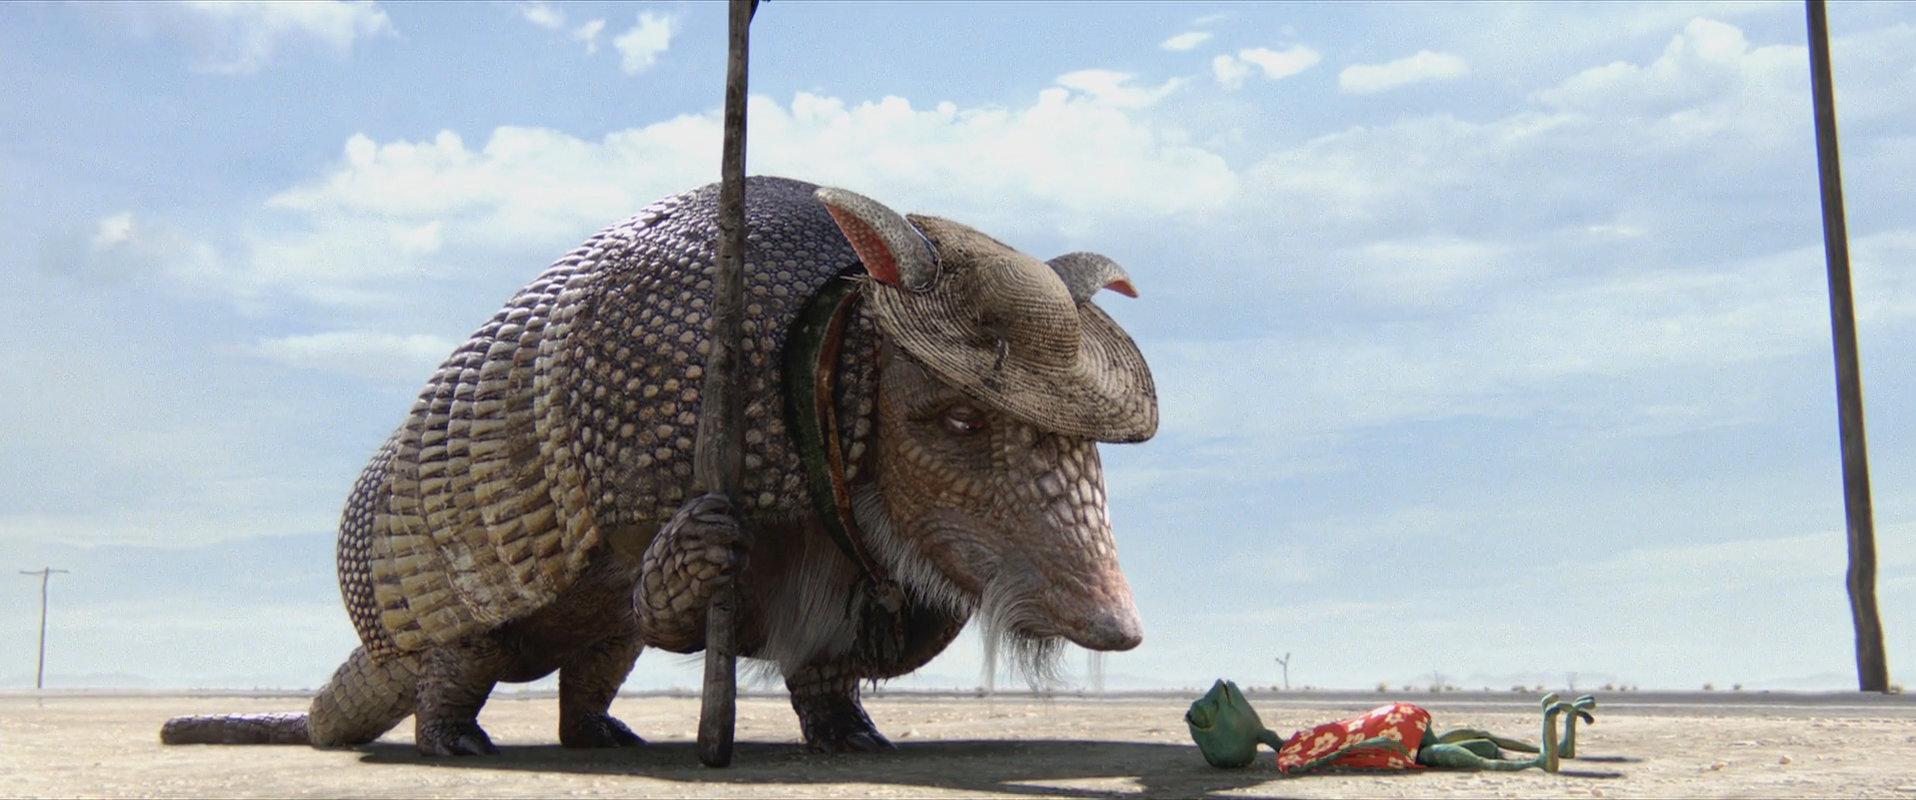 Rango (voiced by Johnny Depp) meets the armadillo Roadkill (voiced by Alfred Molina) in Rango (2011)